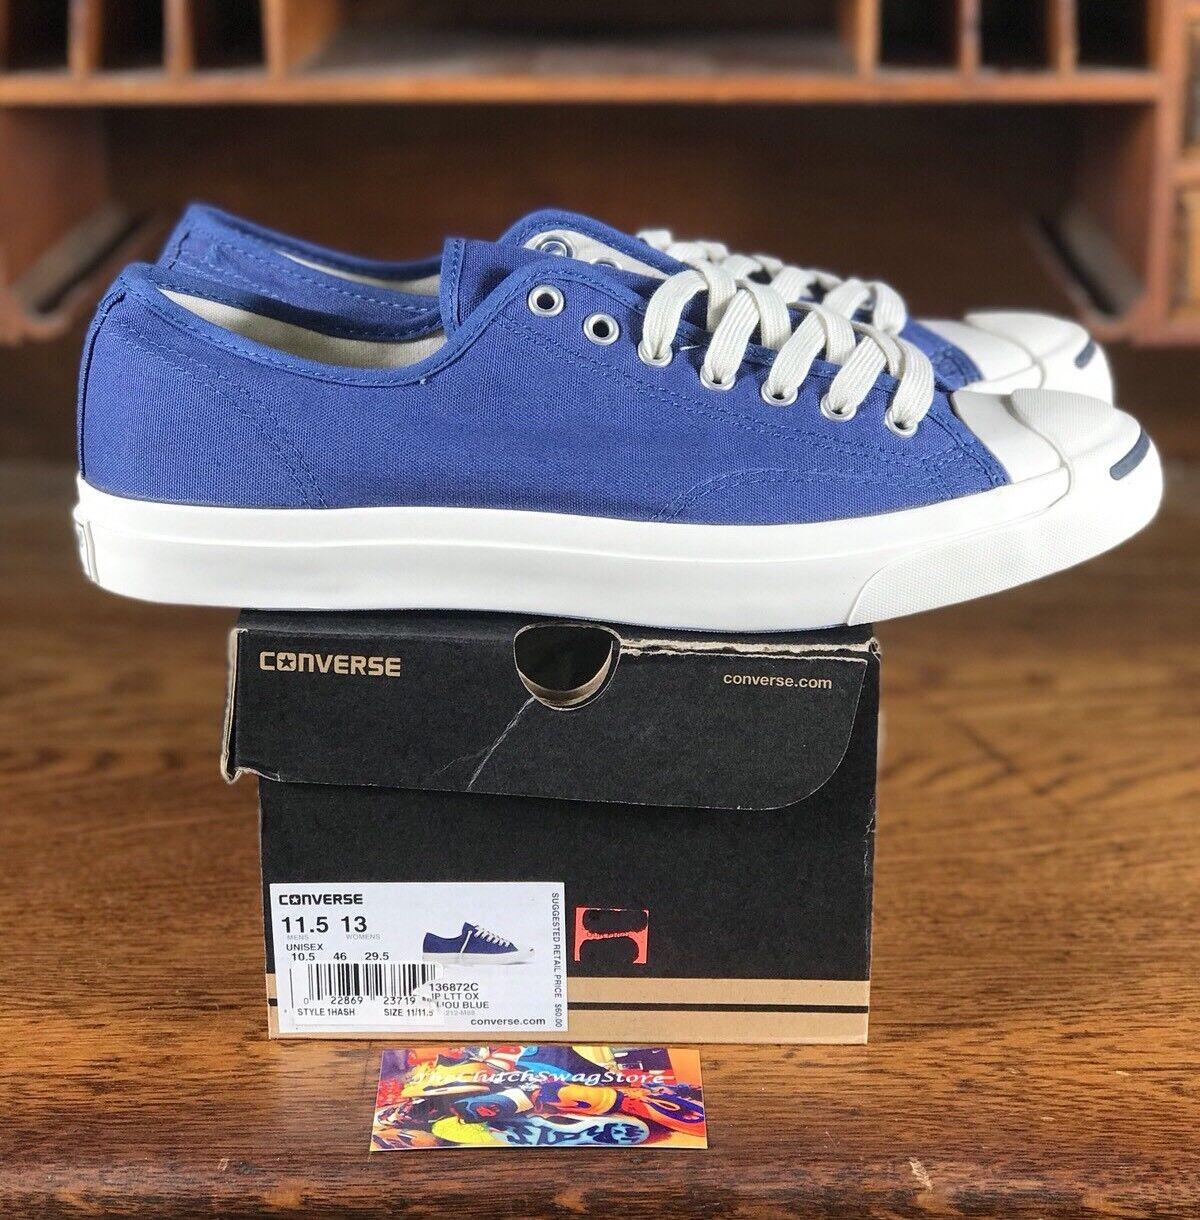 Converse Jack Top Purcell JP LTT buey bajo Top Jack Zapatos informales para hombres azul/blanco 498701